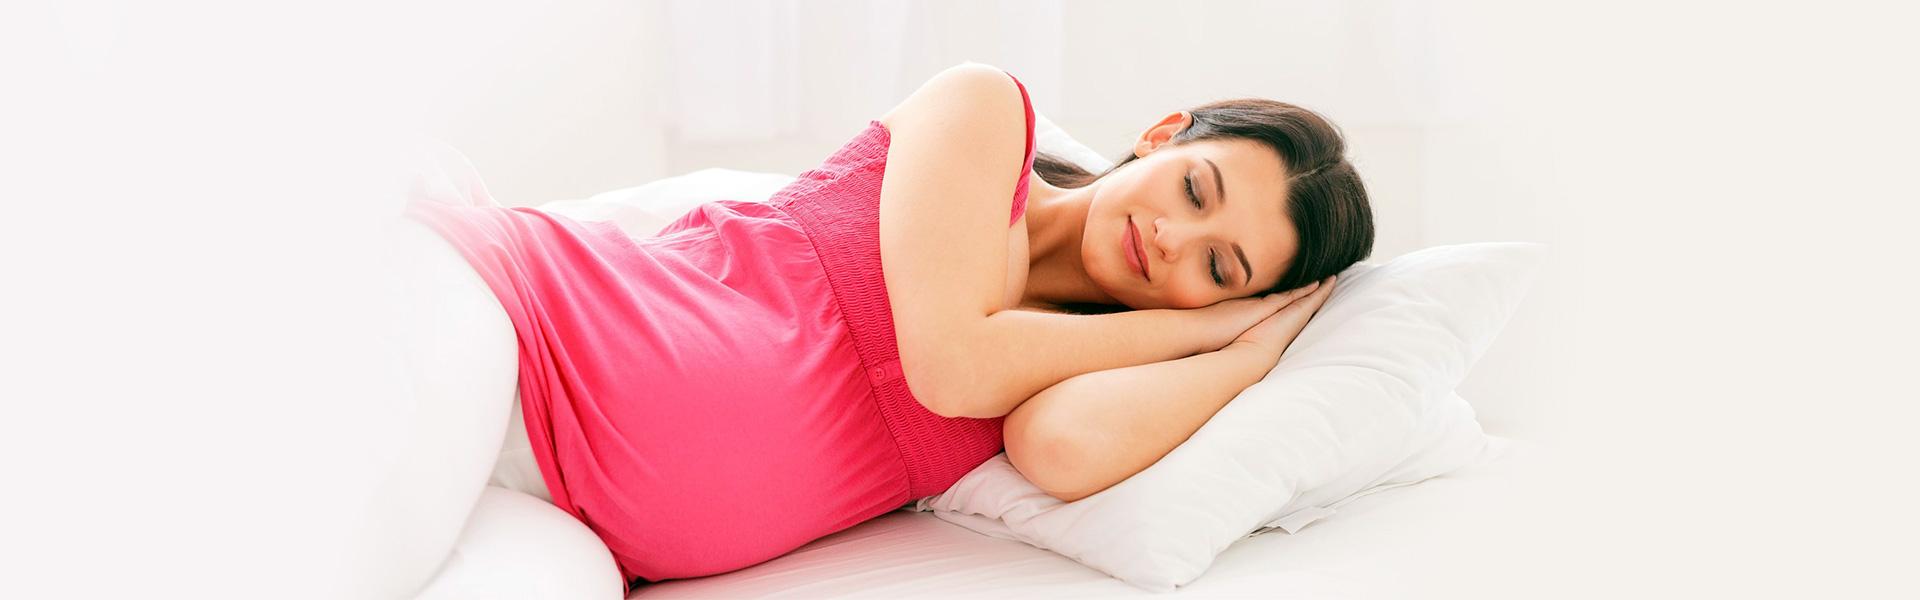 Sleep Apnea Treatment in Wellesley, MA